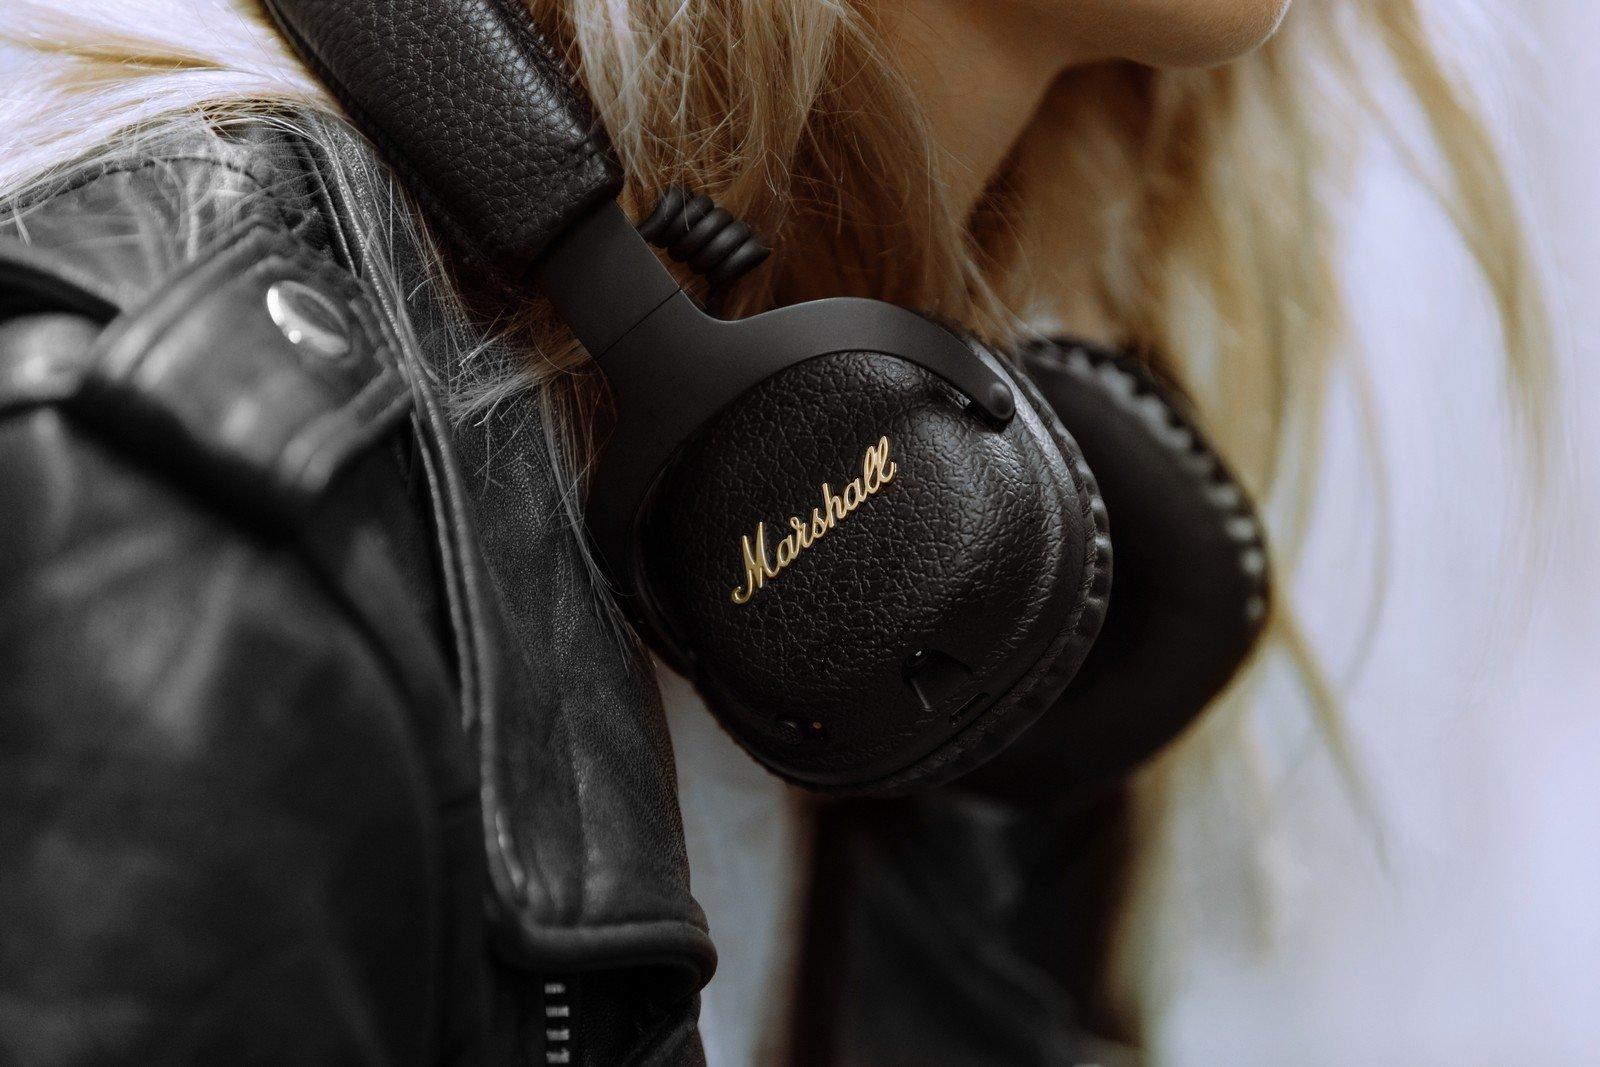 14a27113e12 Tai nghe bluetooth chống ồn Marshall Mid ANC với phụ kiện túi lót nhung đi  kèm đặc trưng của hãng